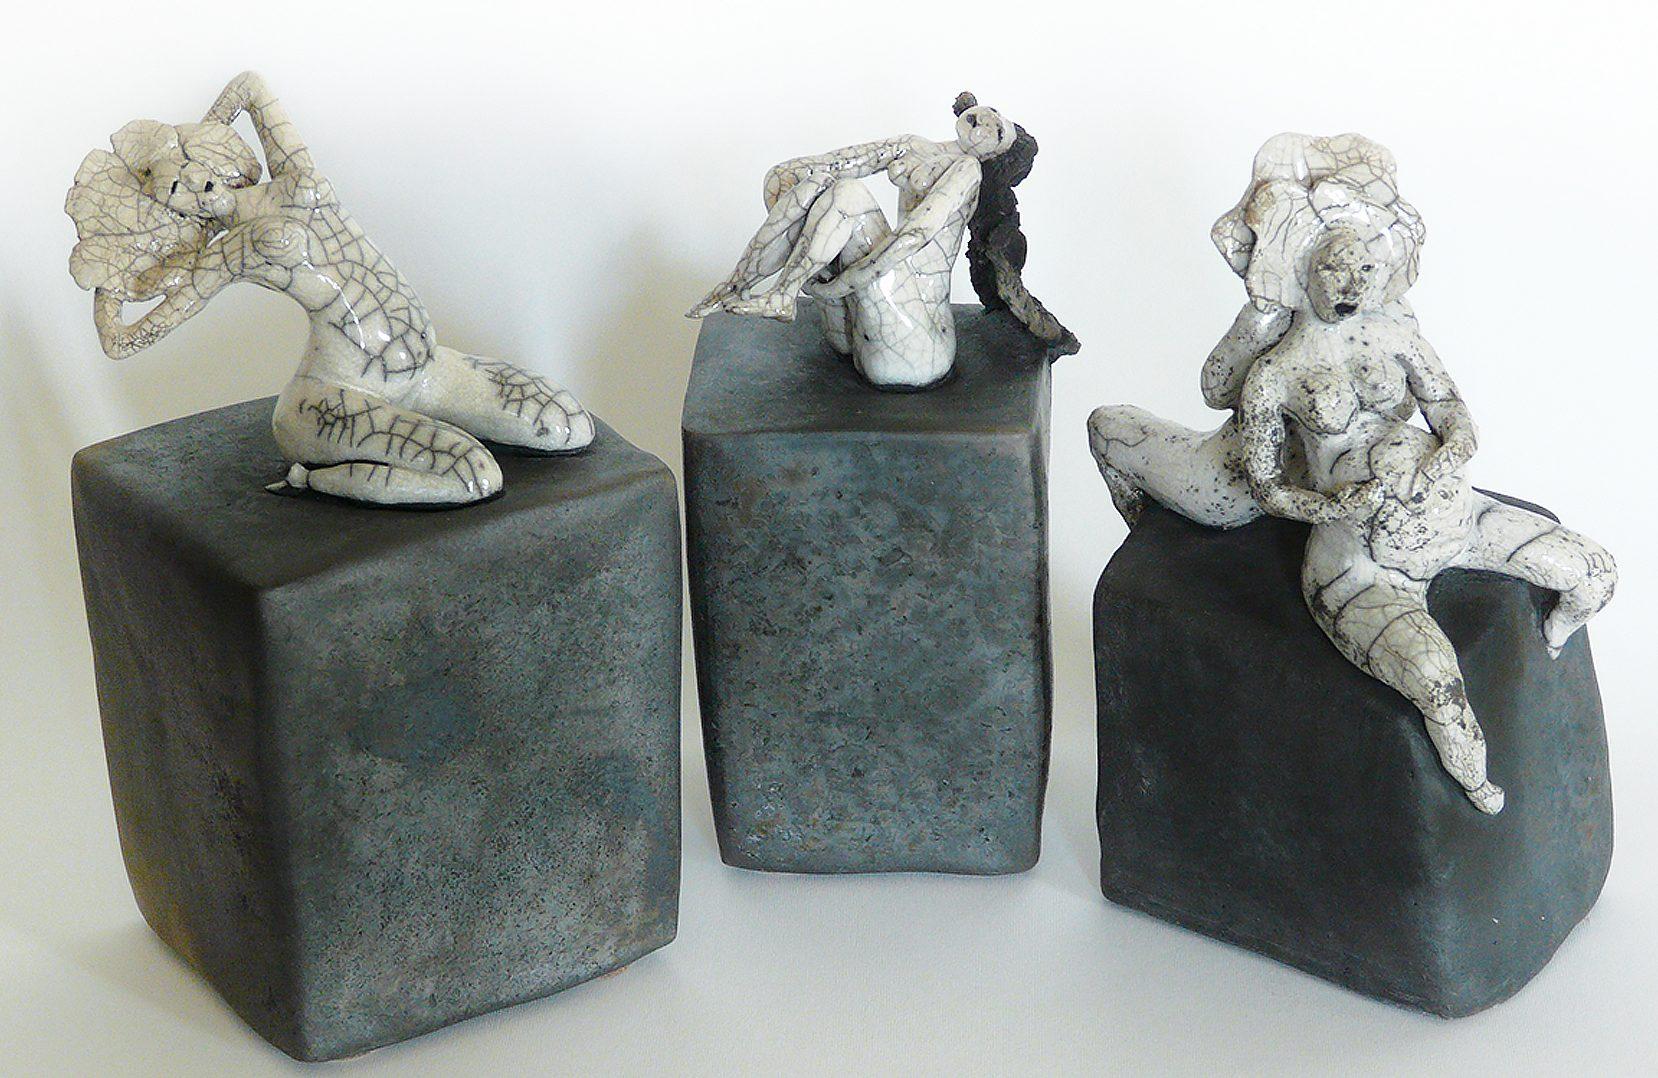 Les Pavés - Les personnages - Sculptures céramique de Florence Lemiegre